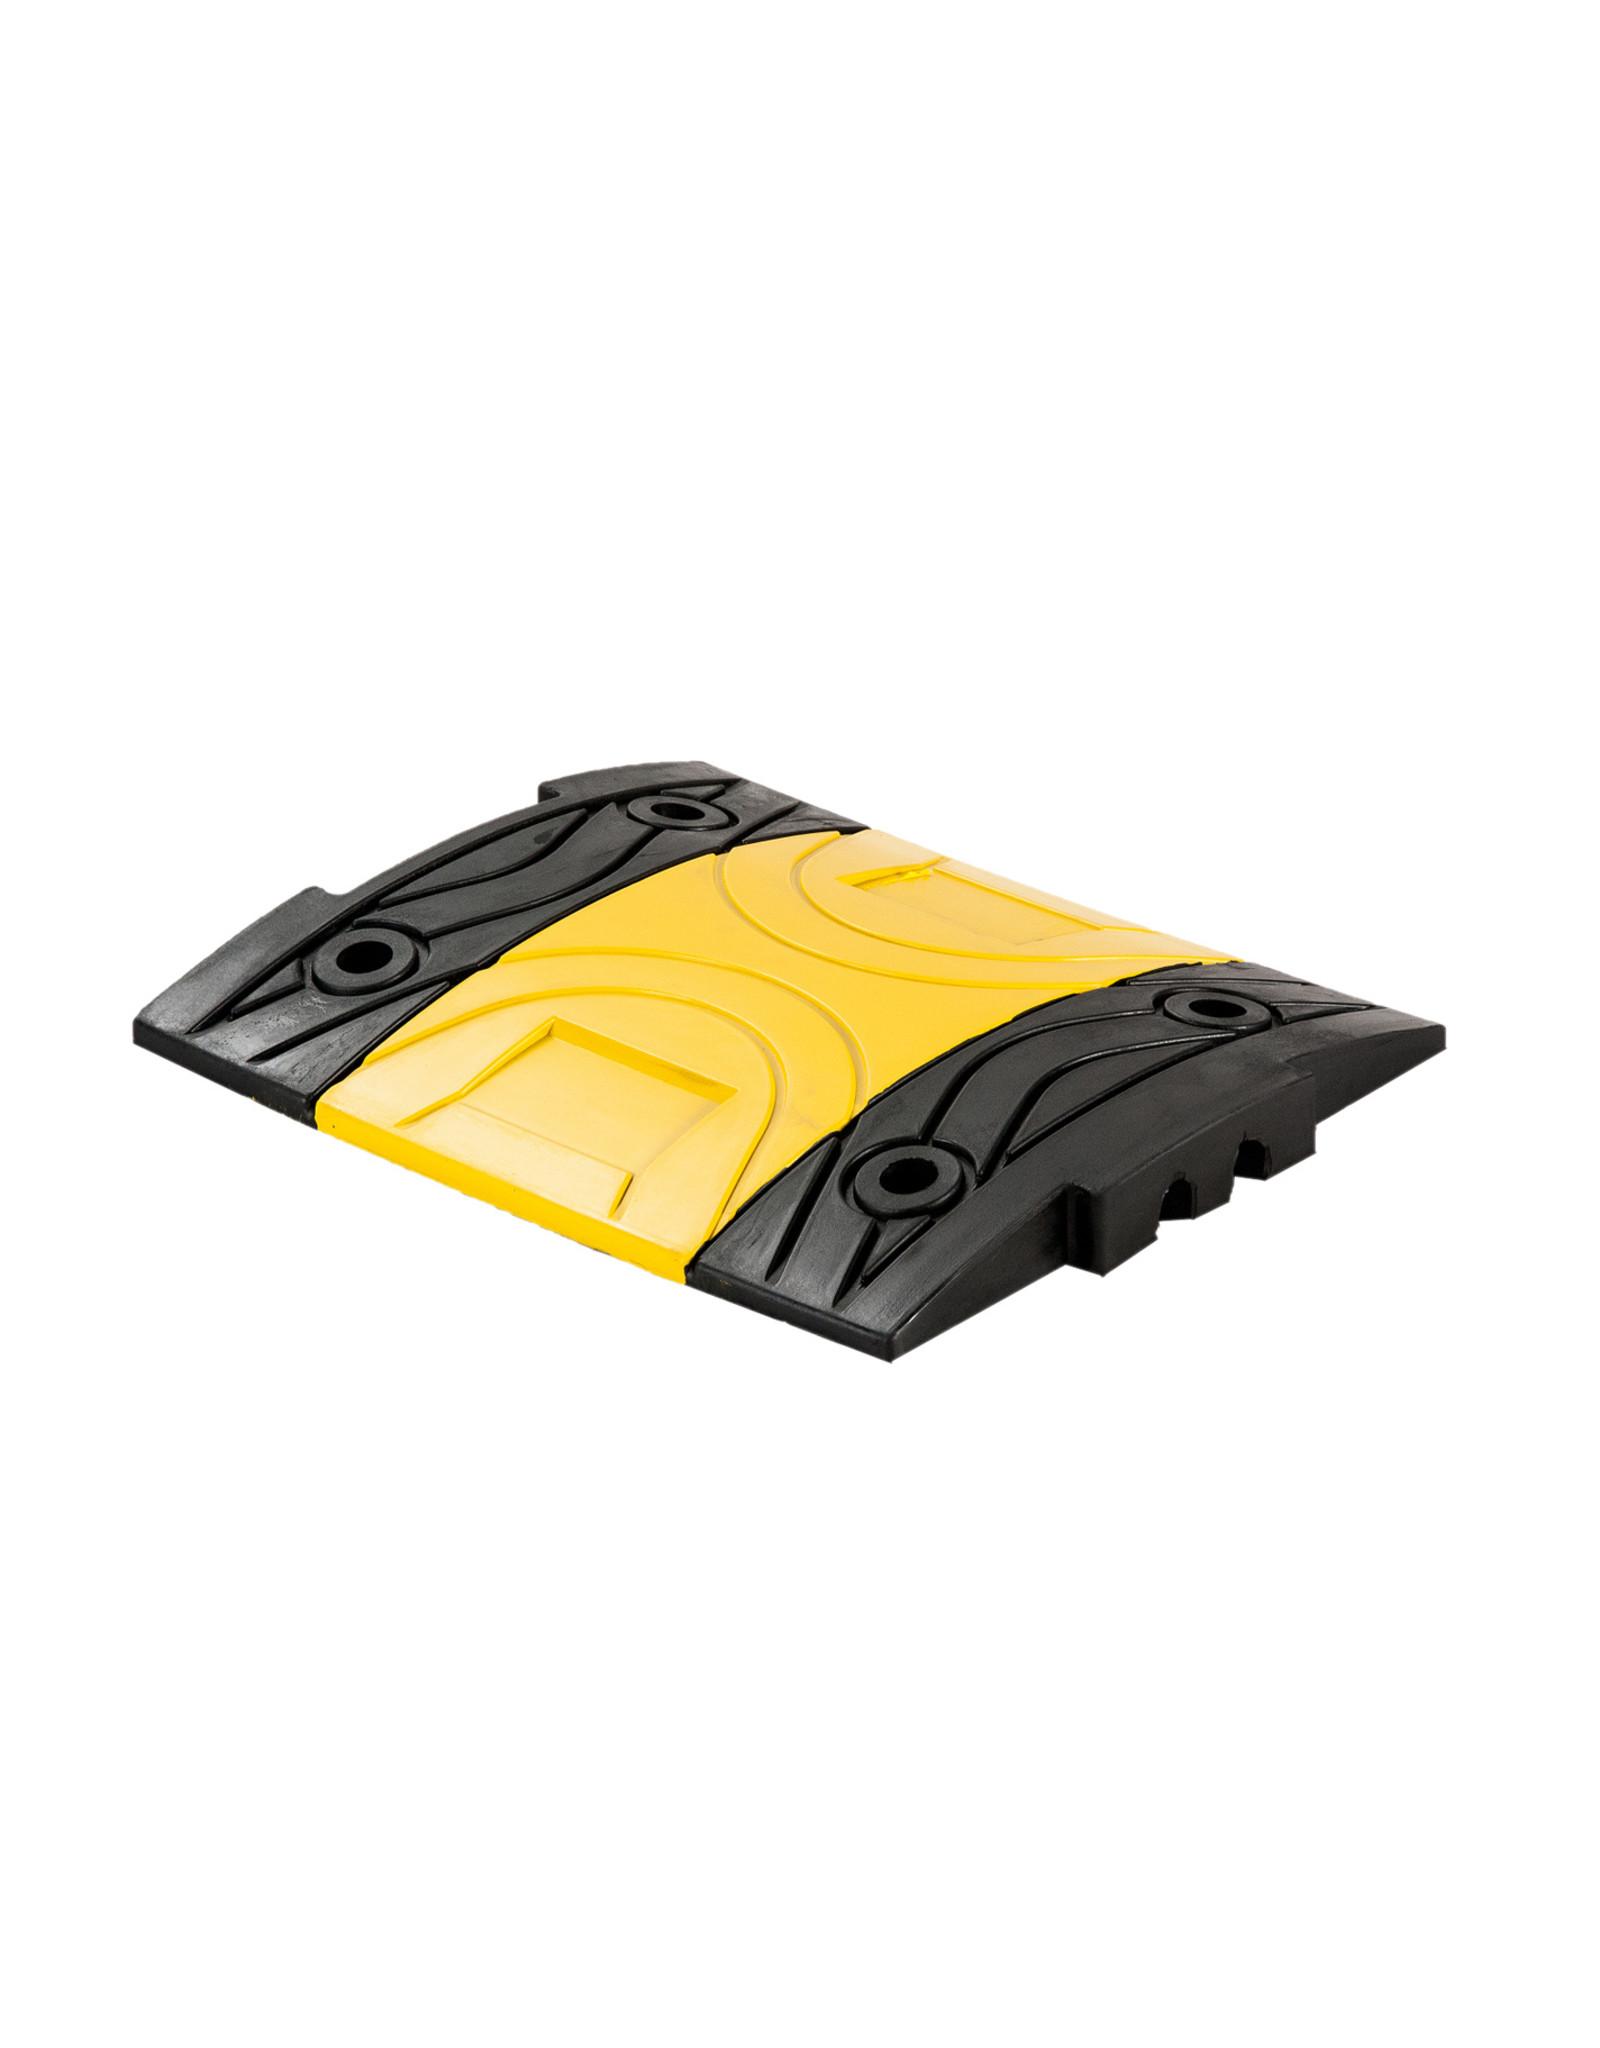 Ri-Traffic | Verkeersdrempel 5cm hoog, middenelement, zwart met geel, rubber